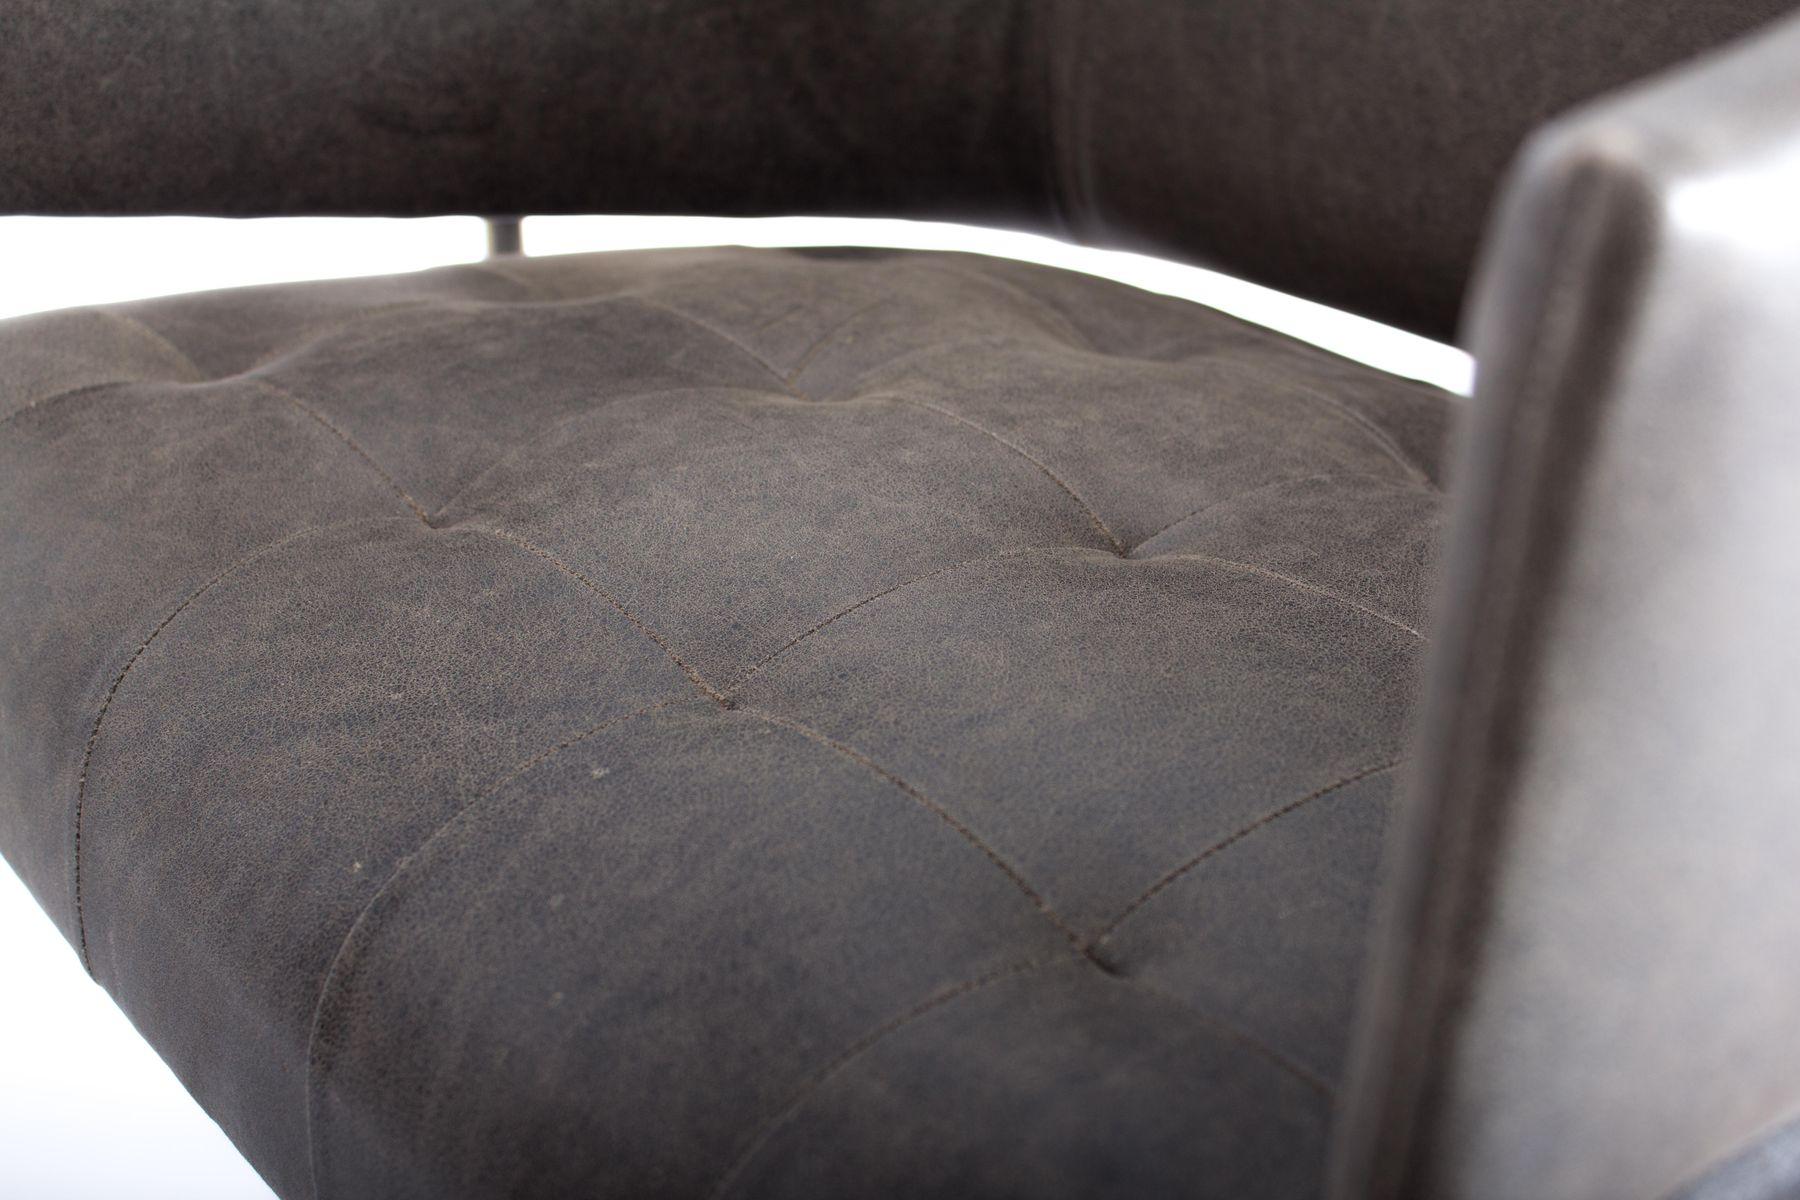 fauteuils senior vntage par jorge zalszupin set de 2 en vente sur pamono. Black Bedroom Furniture Sets. Home Design Ideas